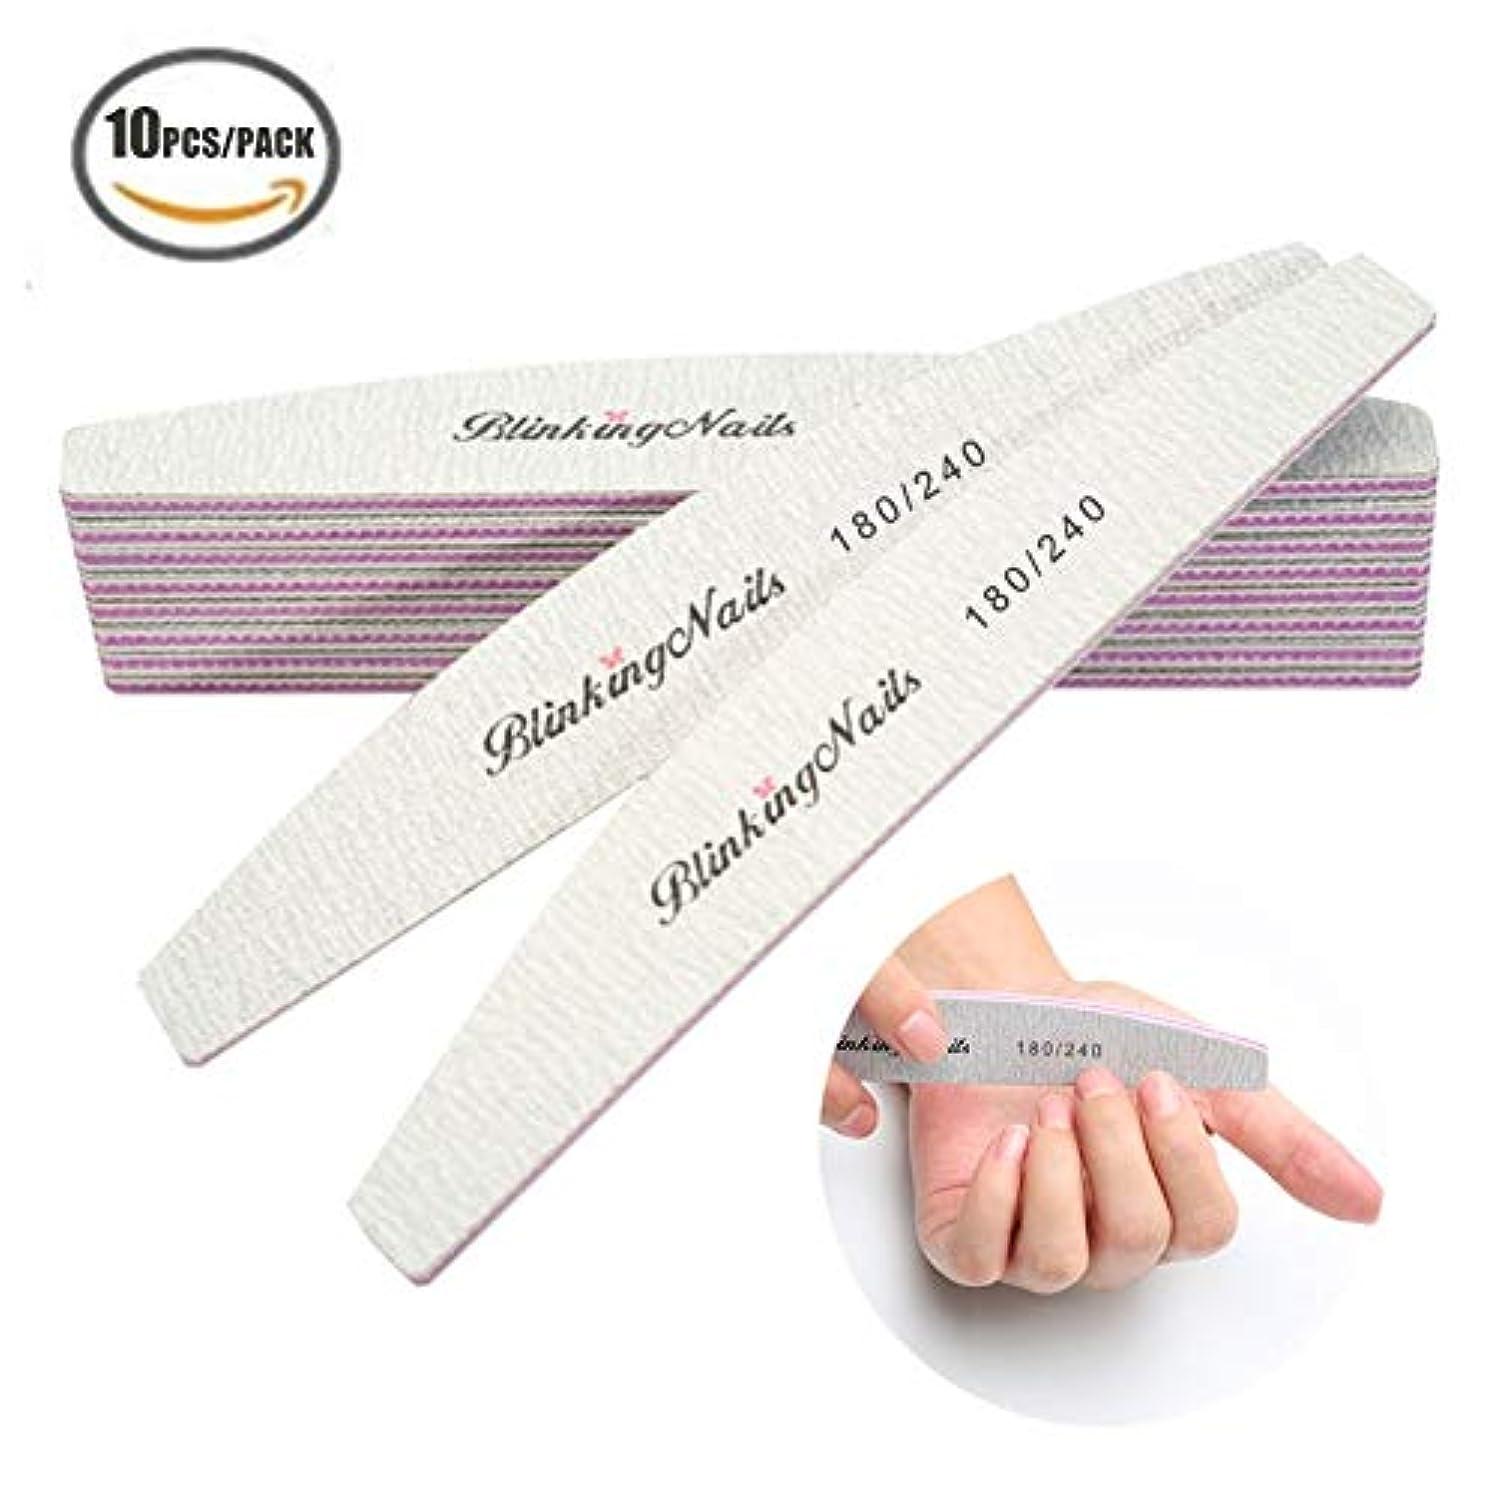 荷物バース羨望研磨ツール 爪やすり ネイルシャイナー ネイルケア 携帯に便利です 水洗いできます 洗濯可プロネイルやすり 10本入 180/240砂